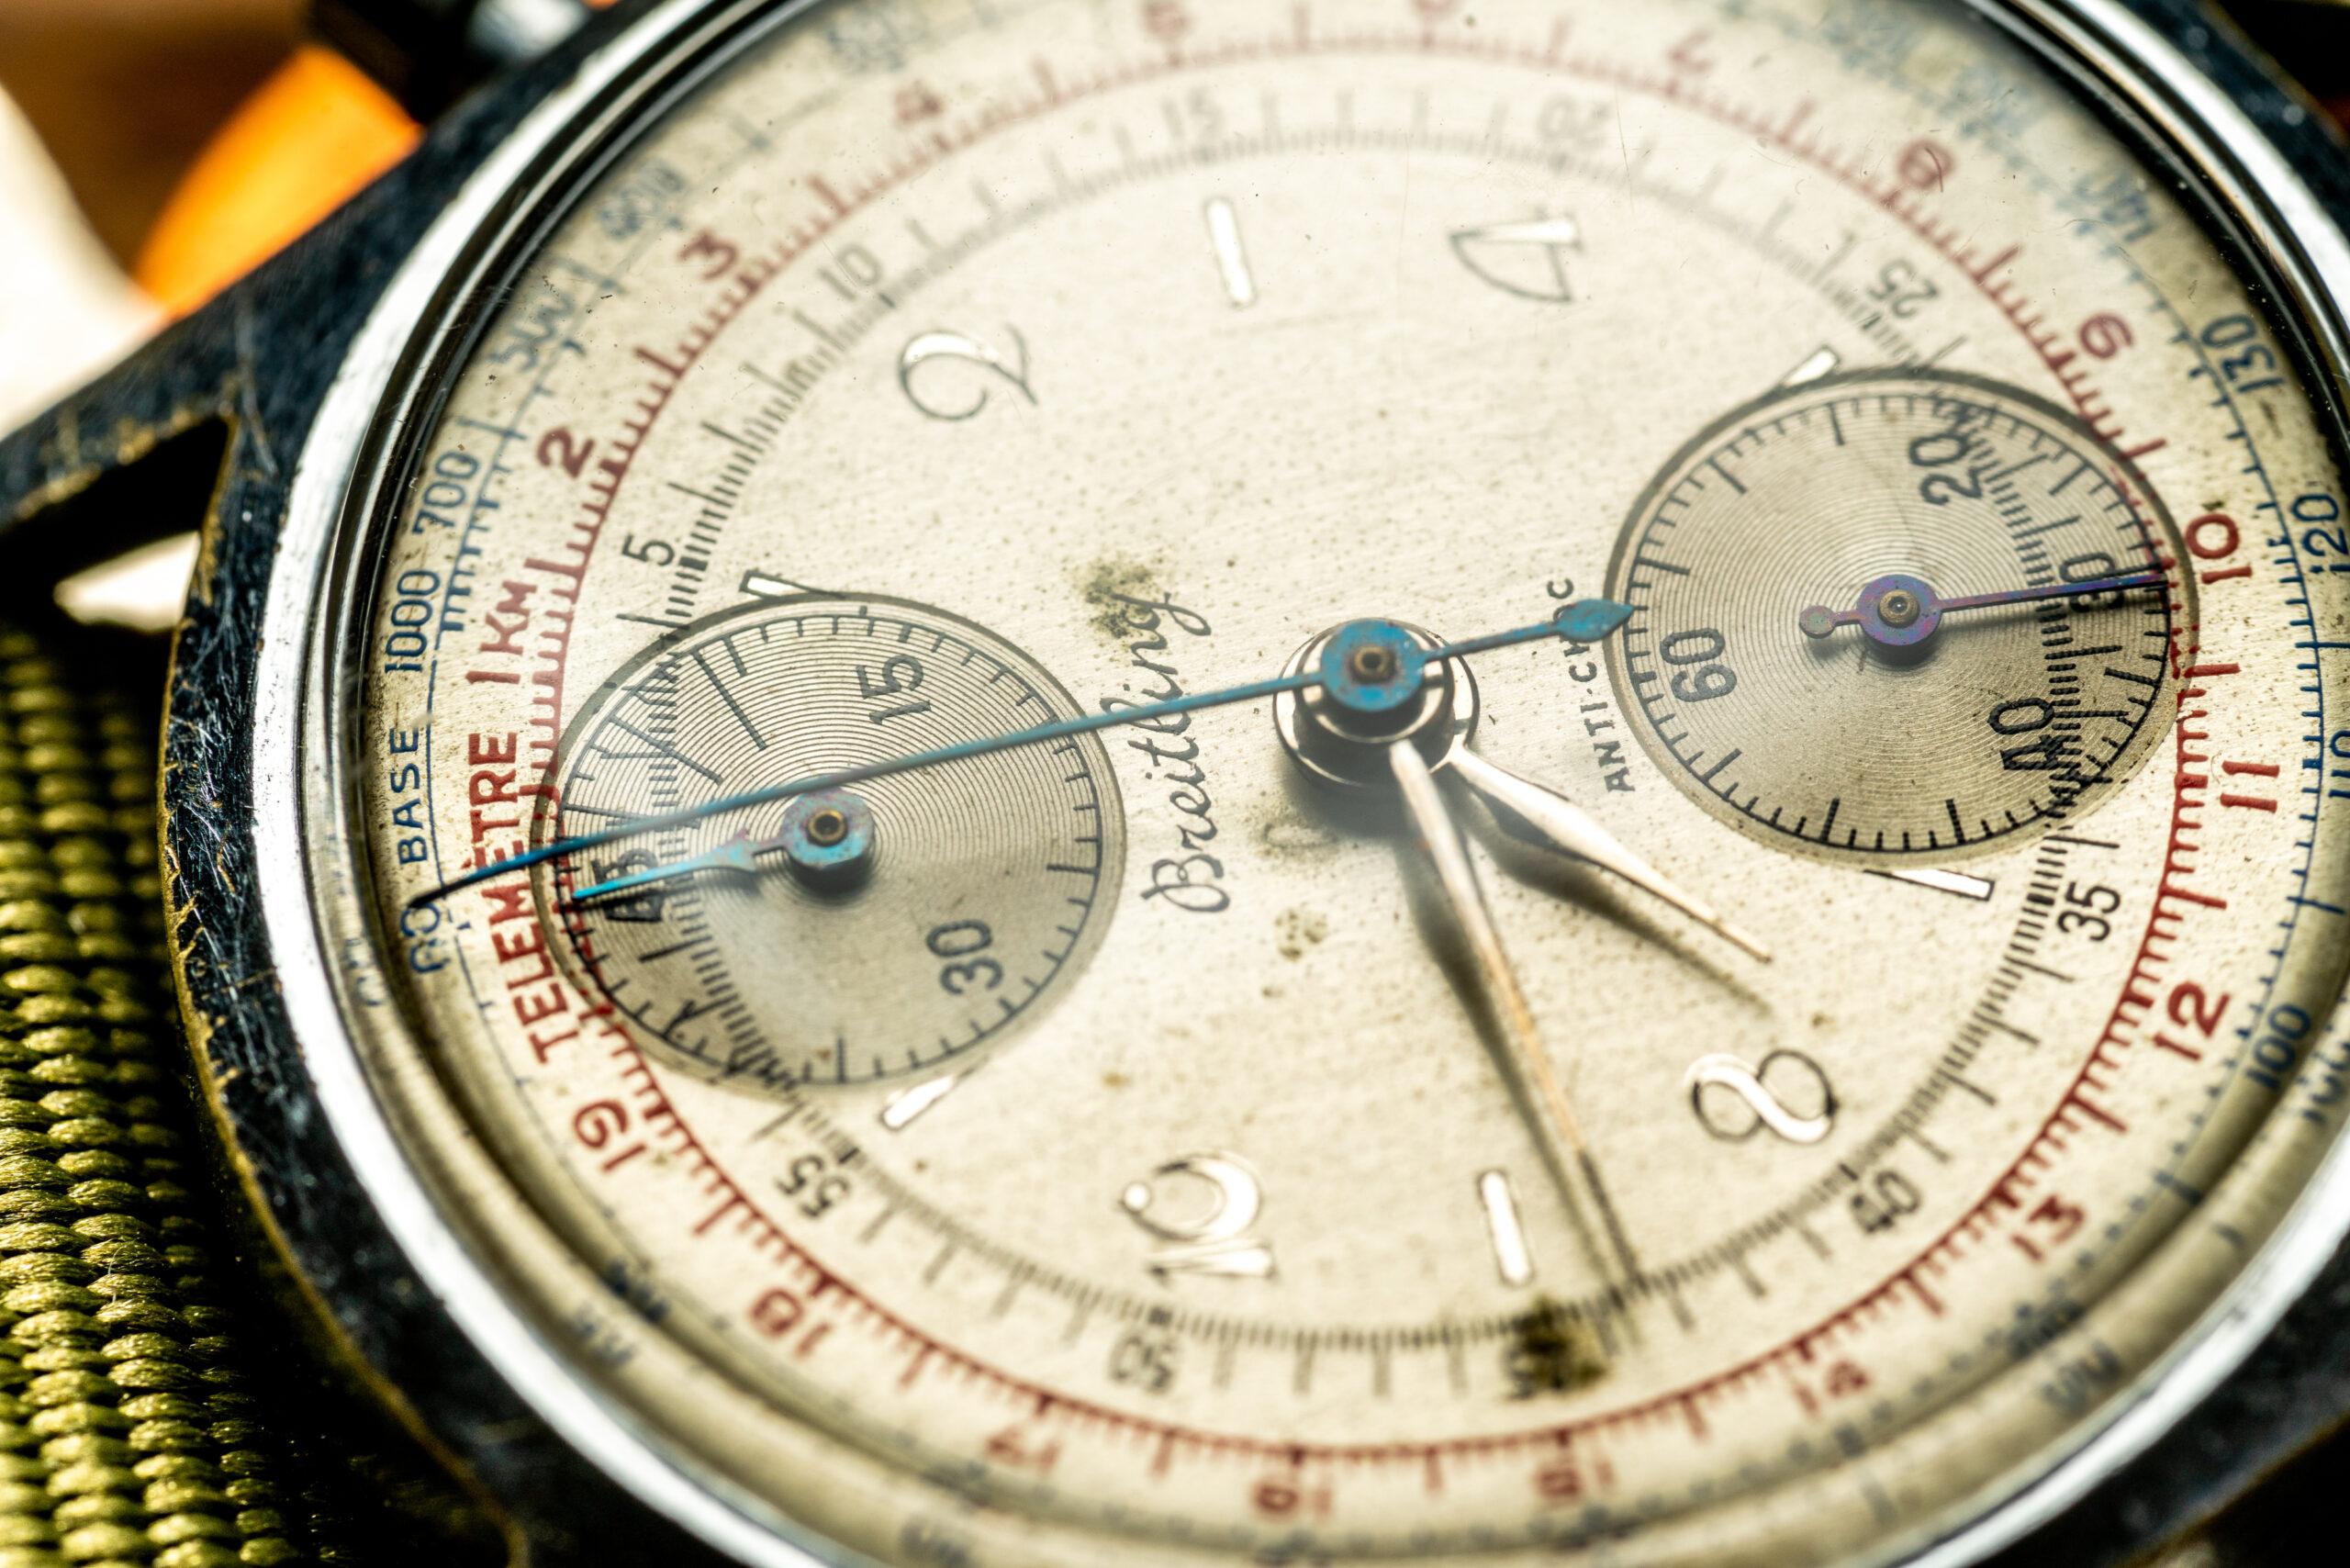 vintage breitling chronograaf verchroomd tachymeter horloge macro